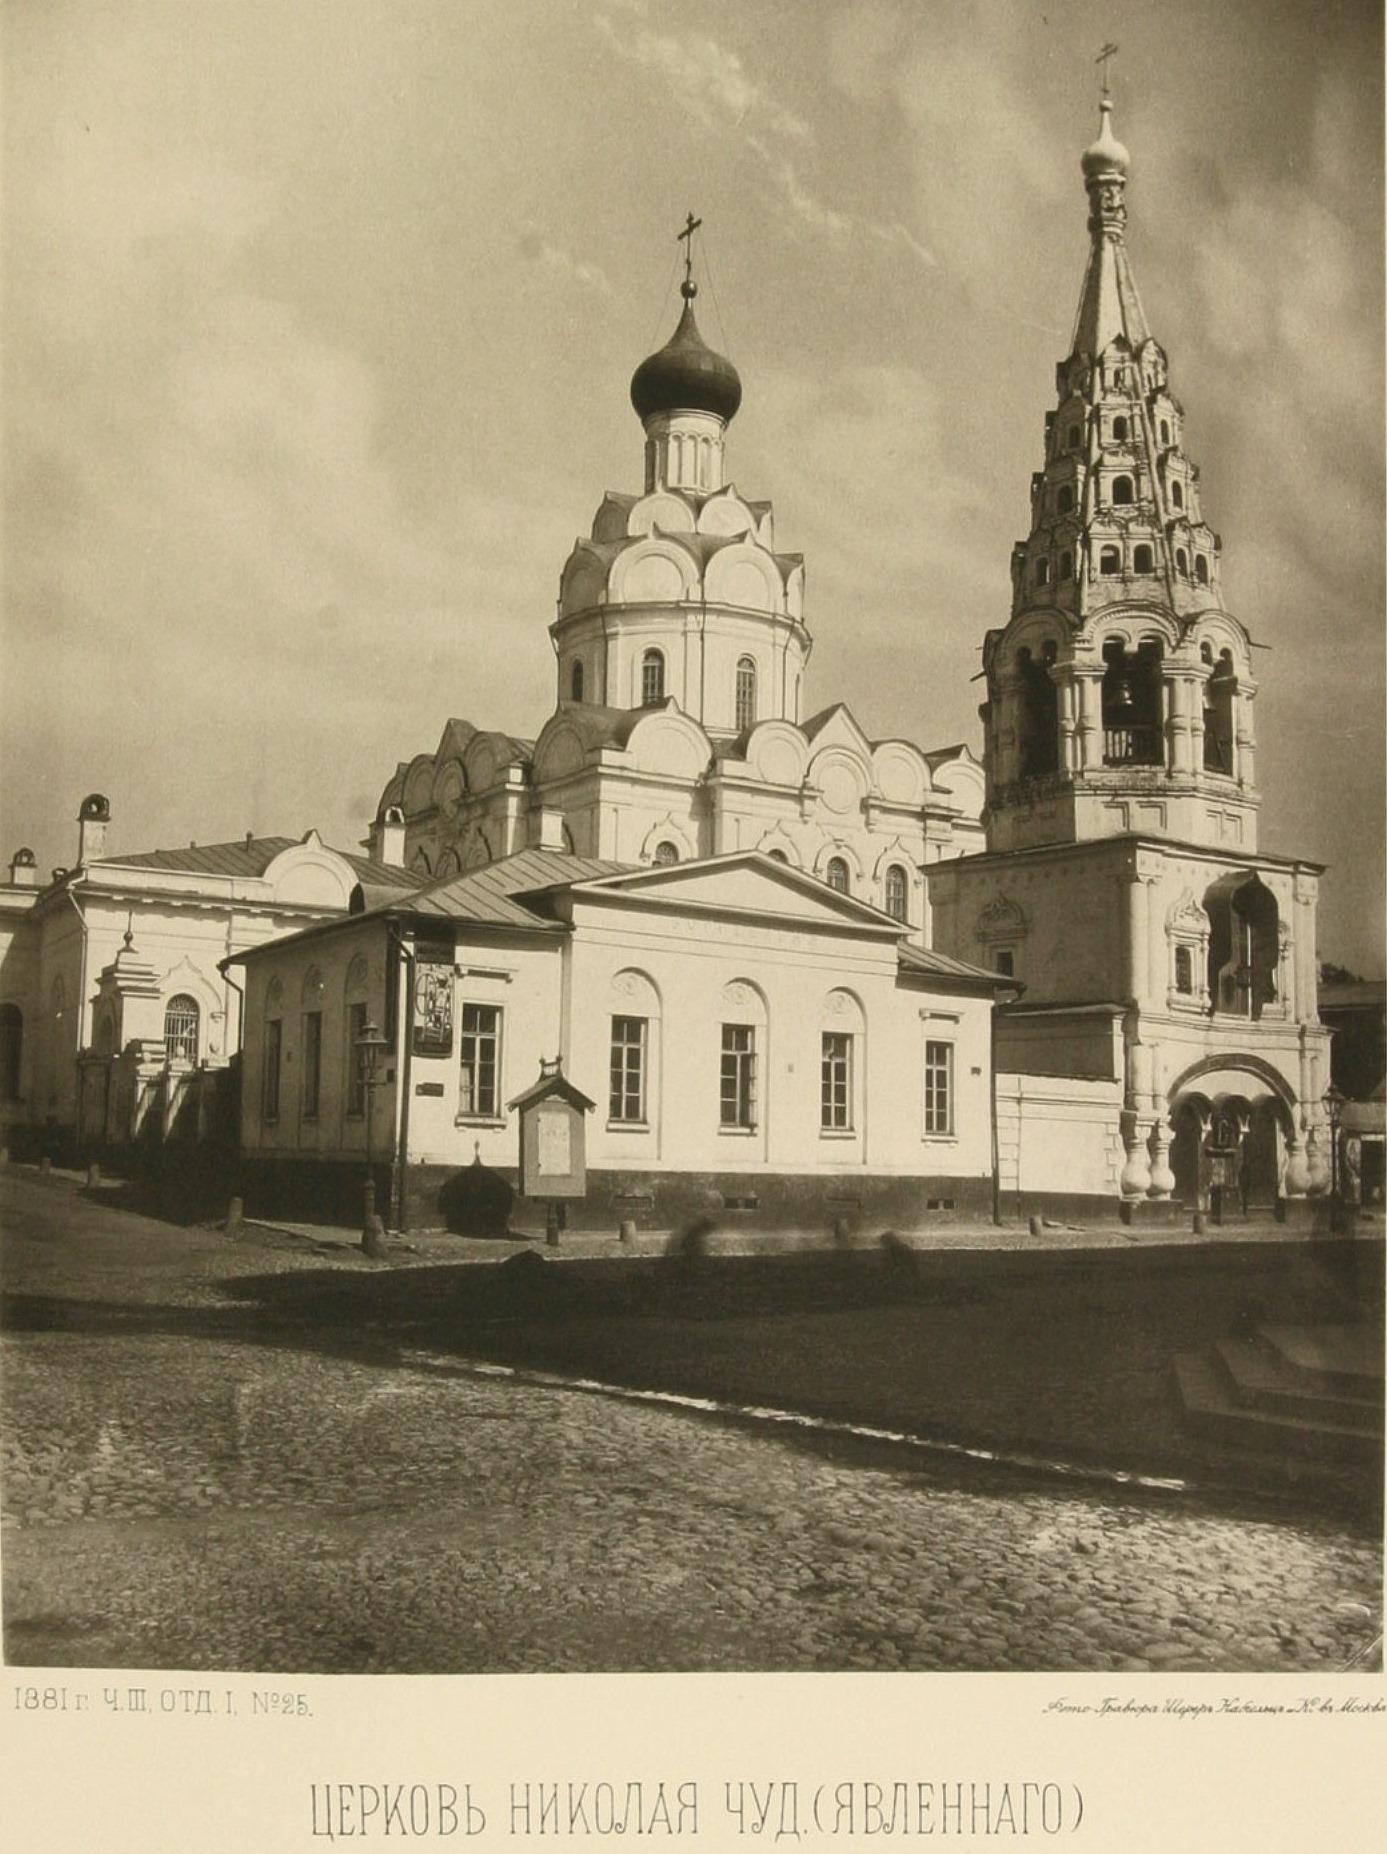 Файл:N.A.Naidenov (1882). V3.1.25. Nikola Yavlenny.png